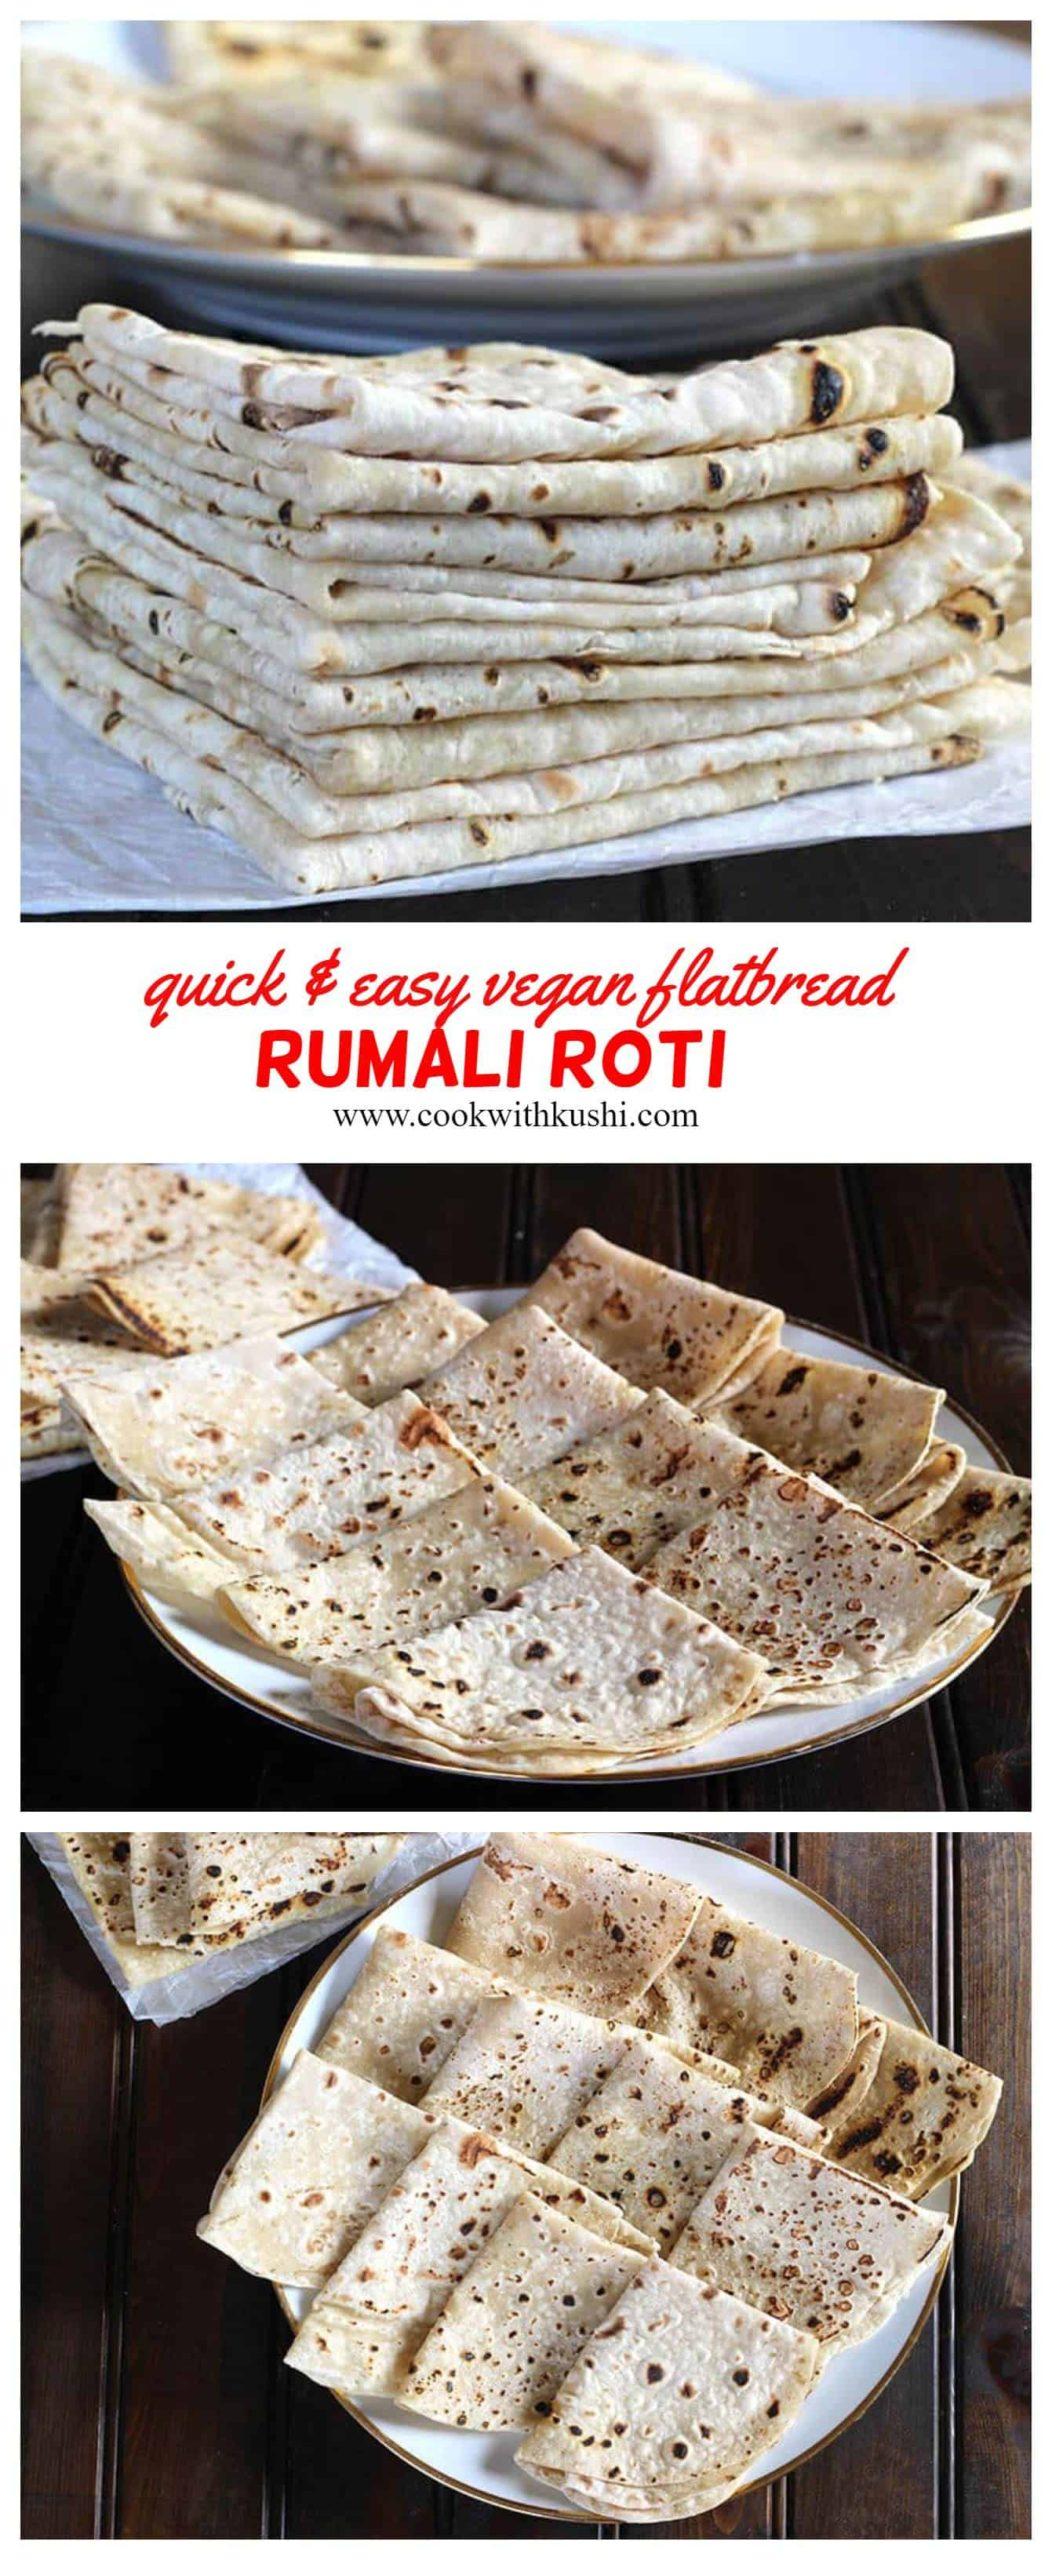 Quick and easy vegan flatbread - Rumali roti